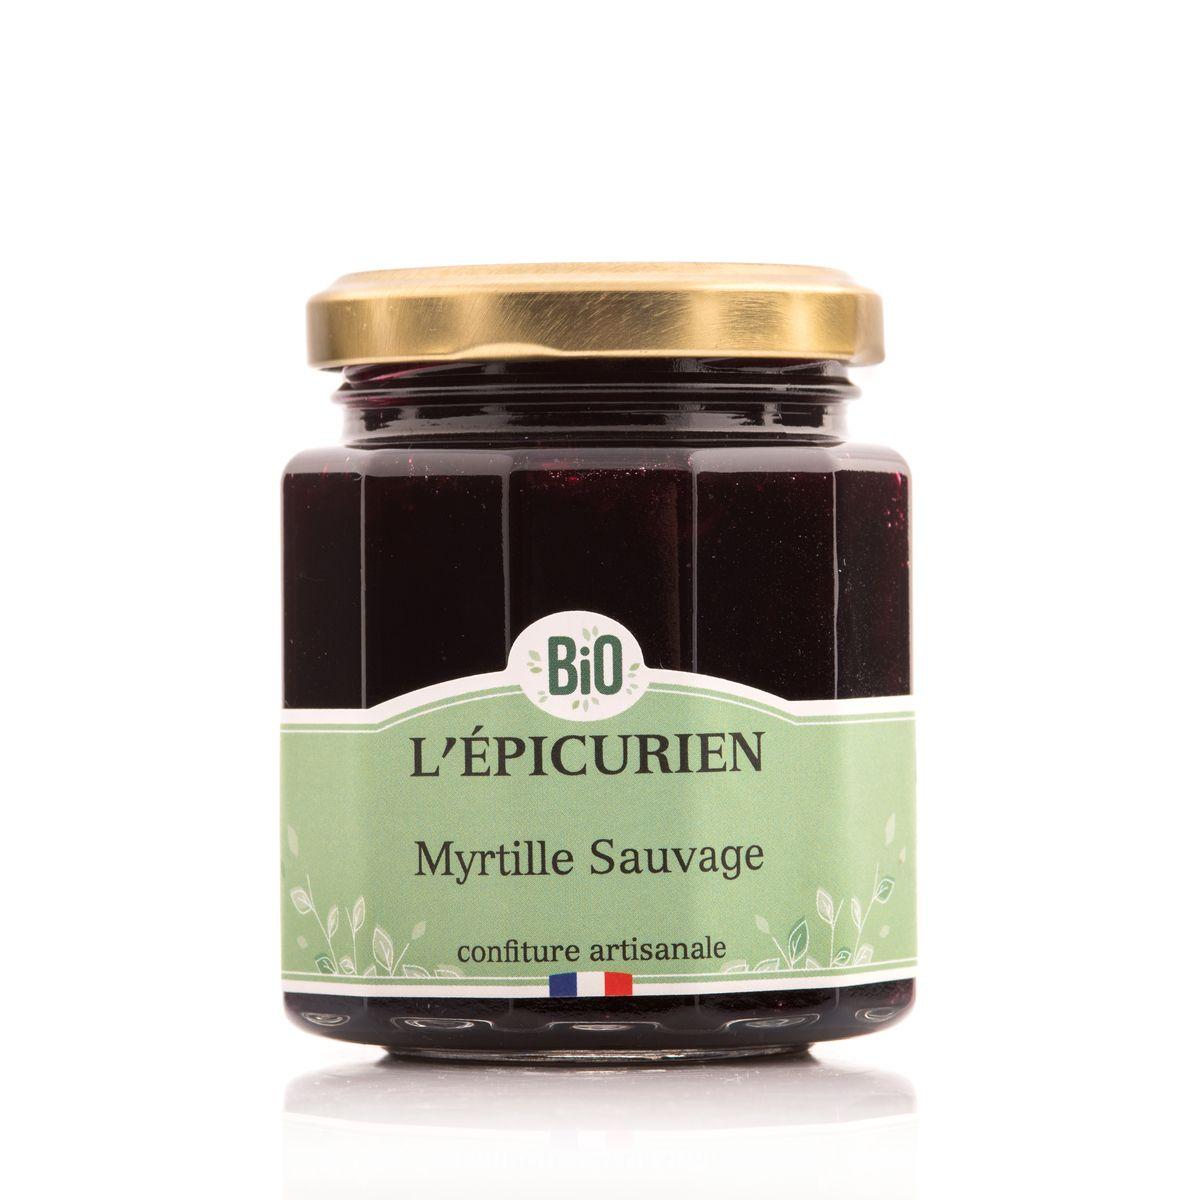 Confiture myrtille sauvage bio 210 g - L´Epicurien